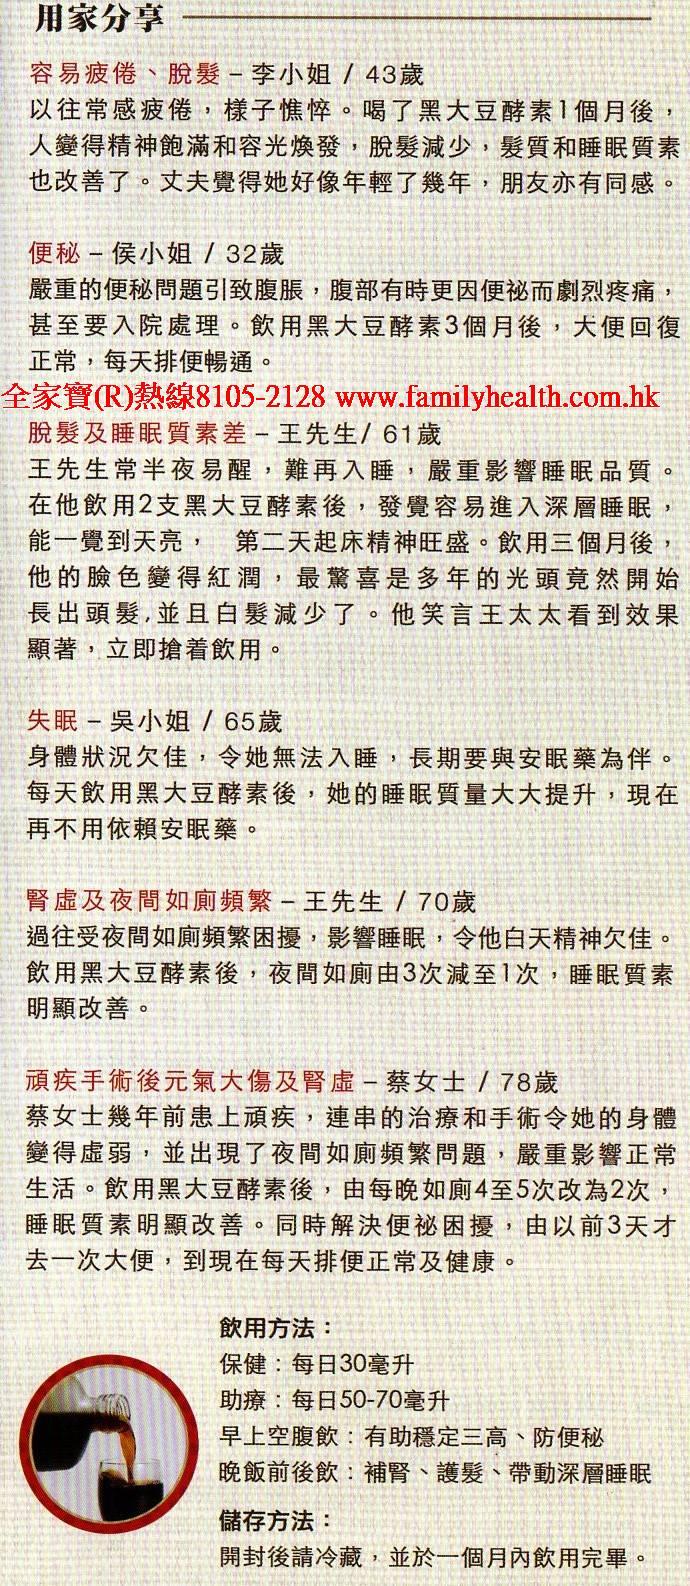 http://www.familyhealth.com.hk/files/full/1225_3.jpg